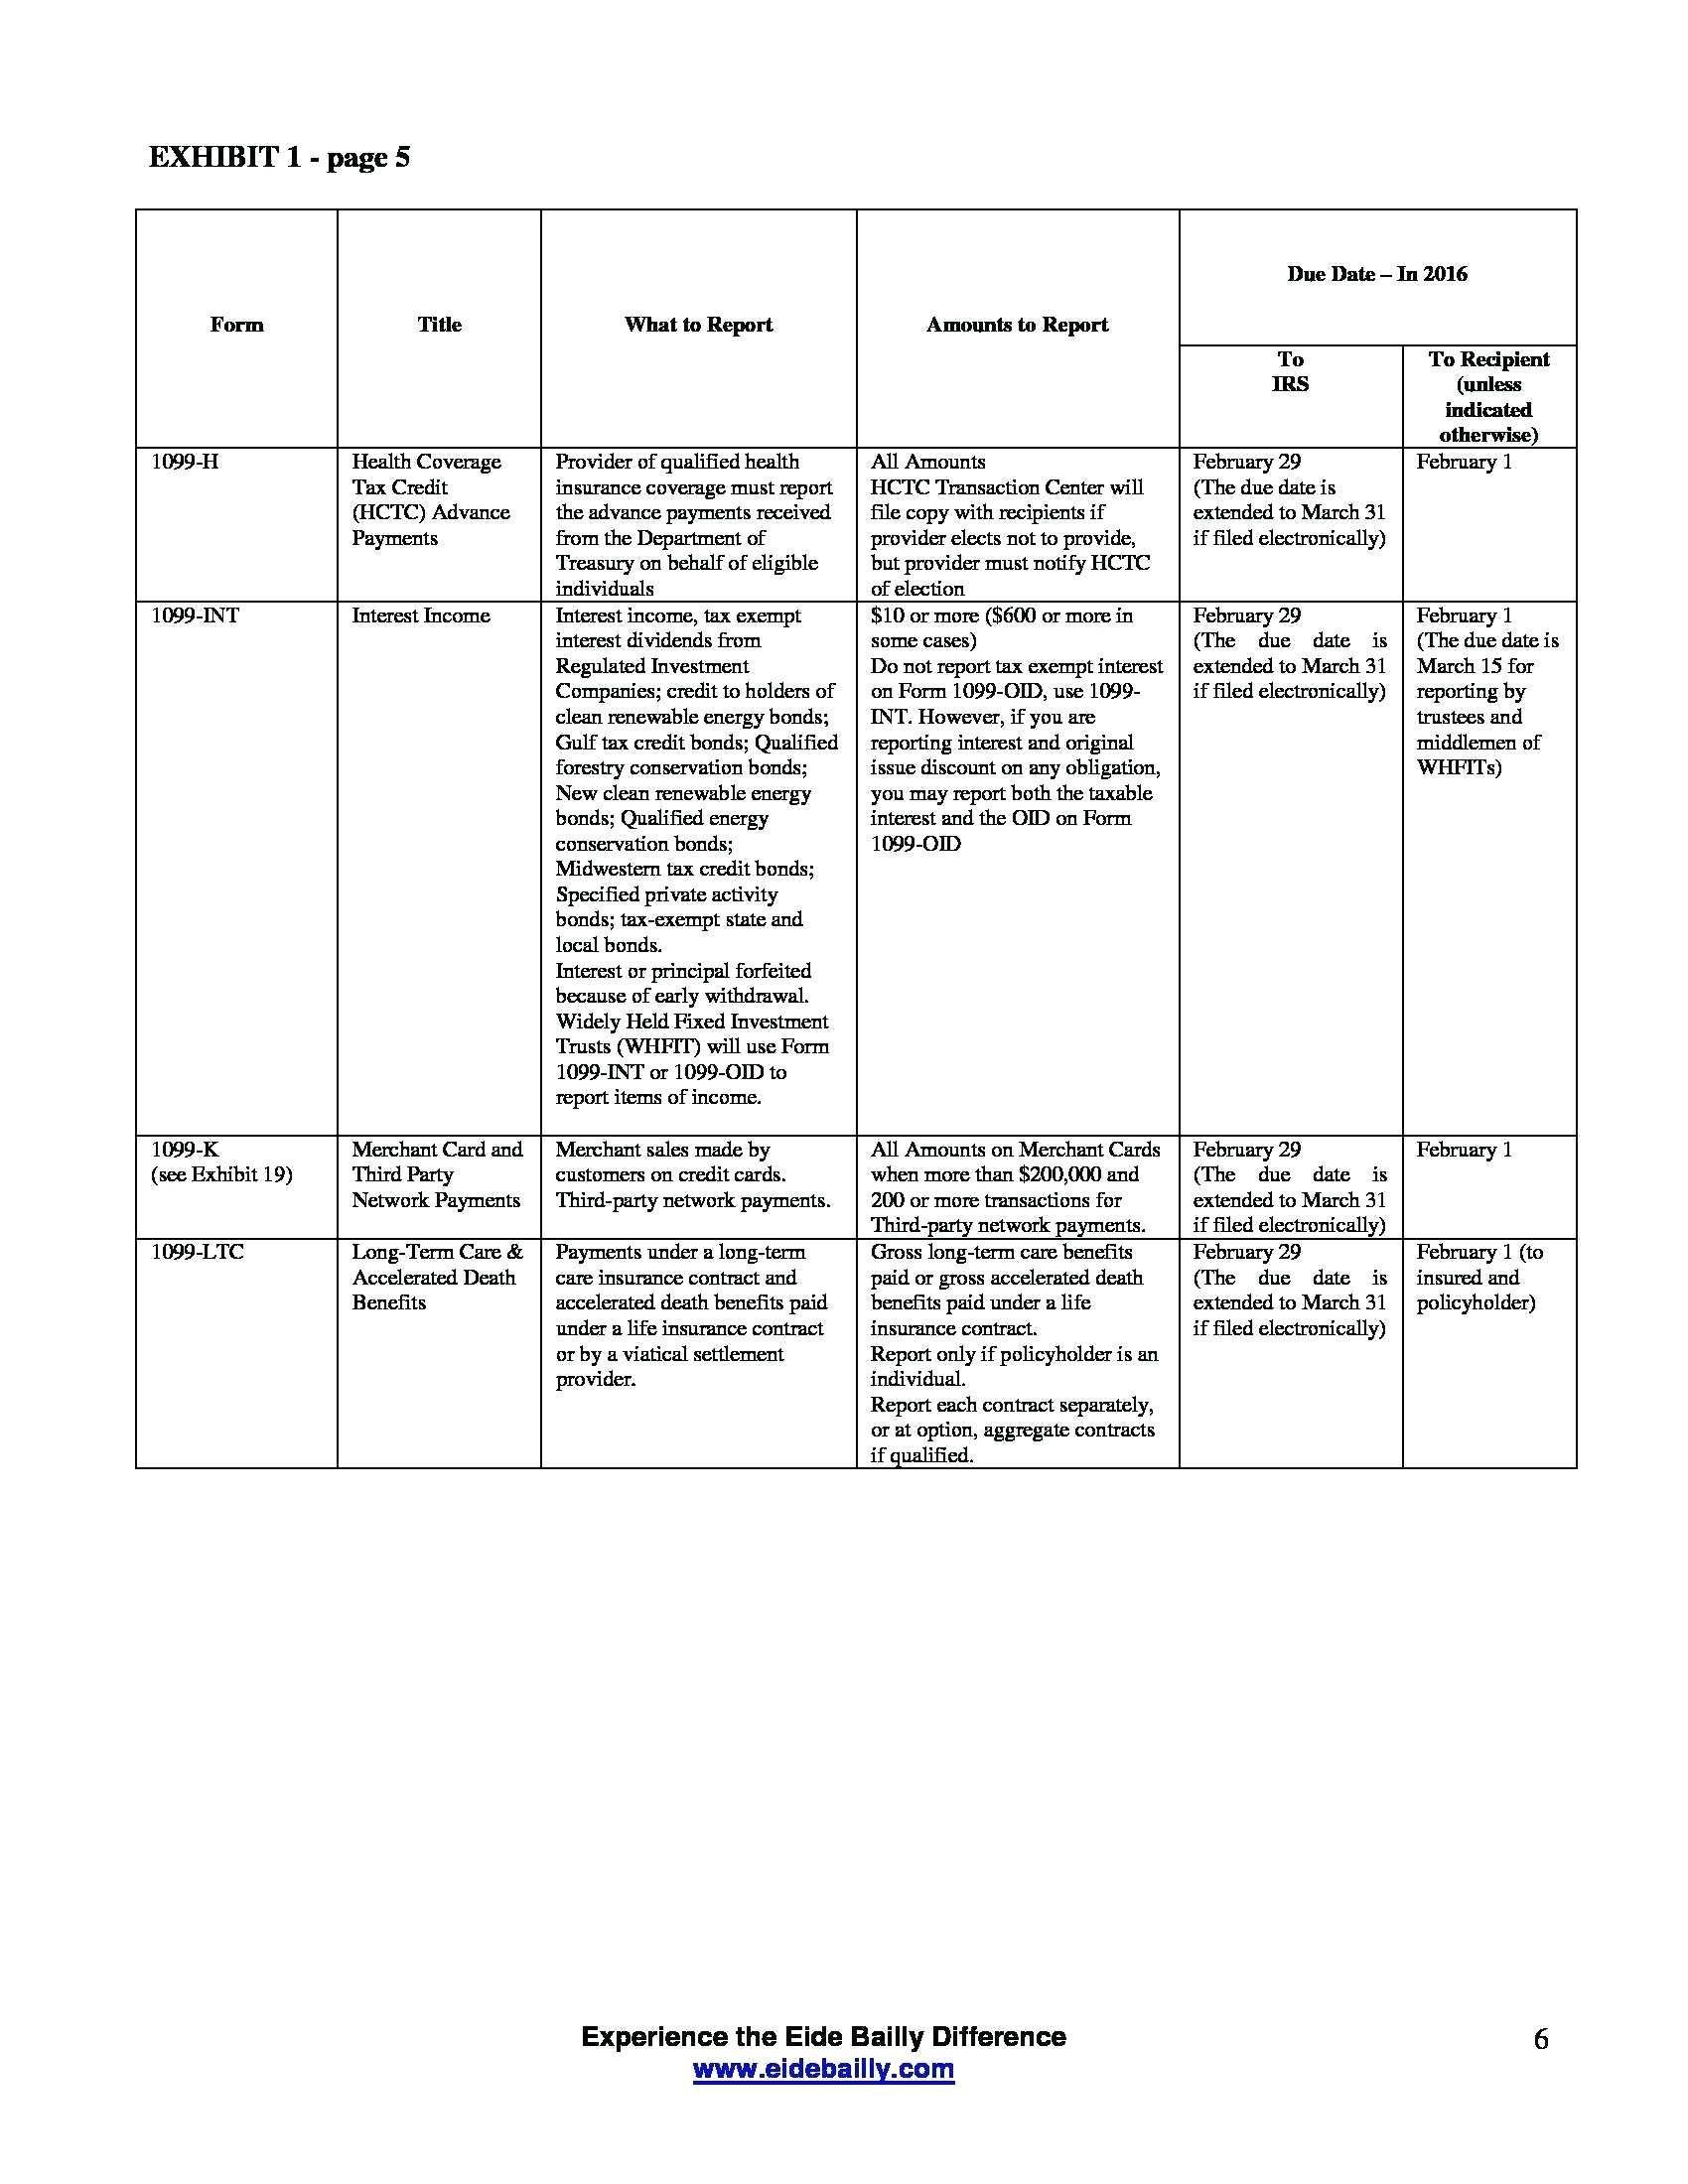 Form 1099 Ltc Tax Return